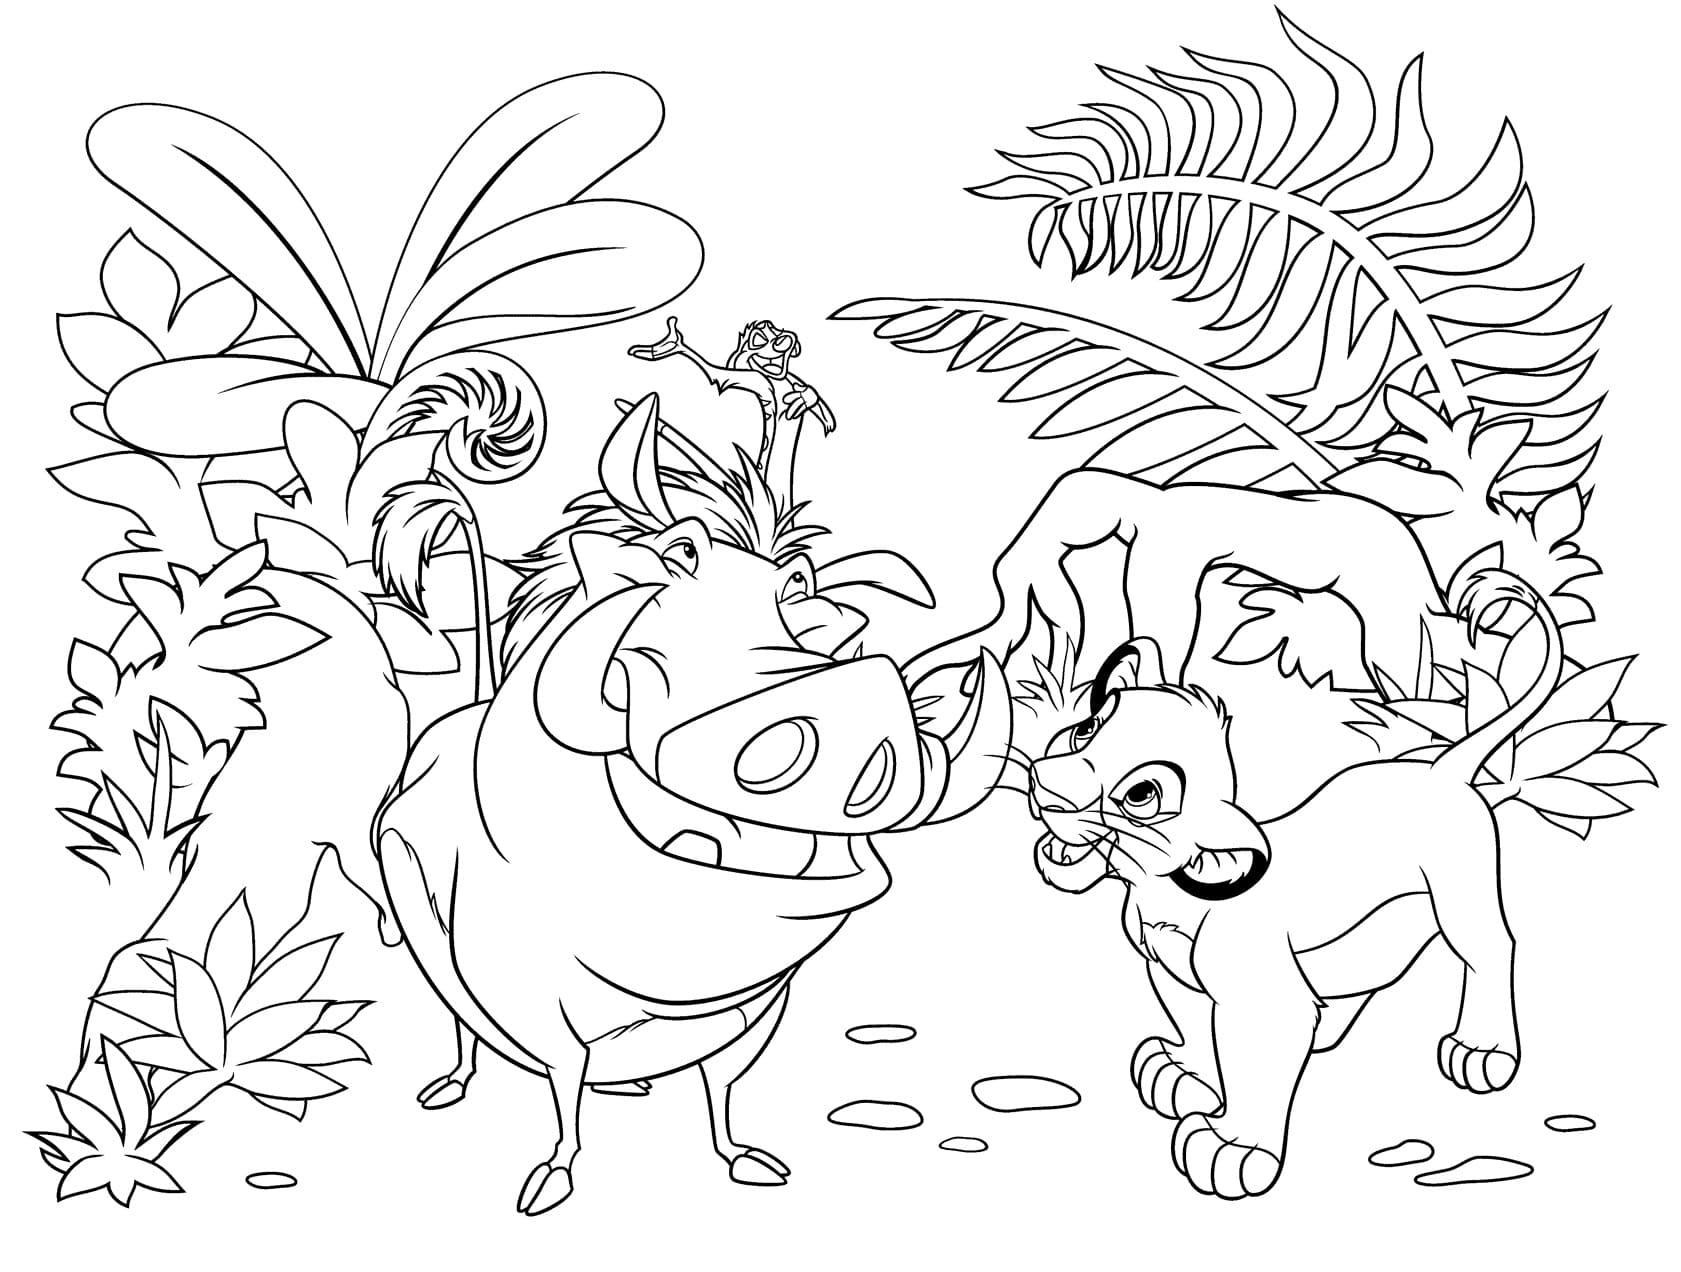 Раскраска Король лев, распечатать бесплатно